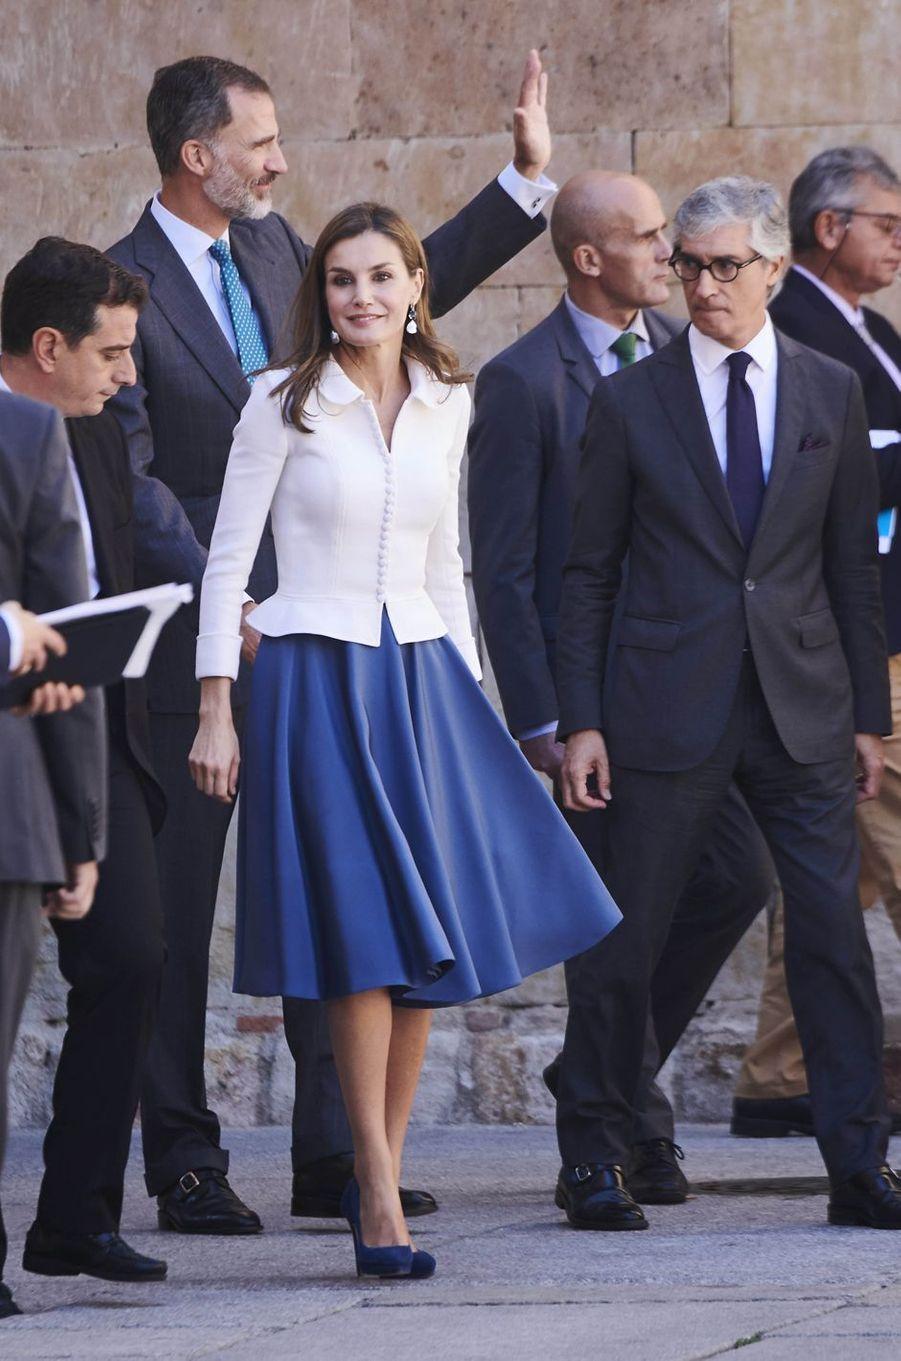 La reine Letizia et le roi Felipe VI d'Espagne à Salamanque, le 14 septembre 2017